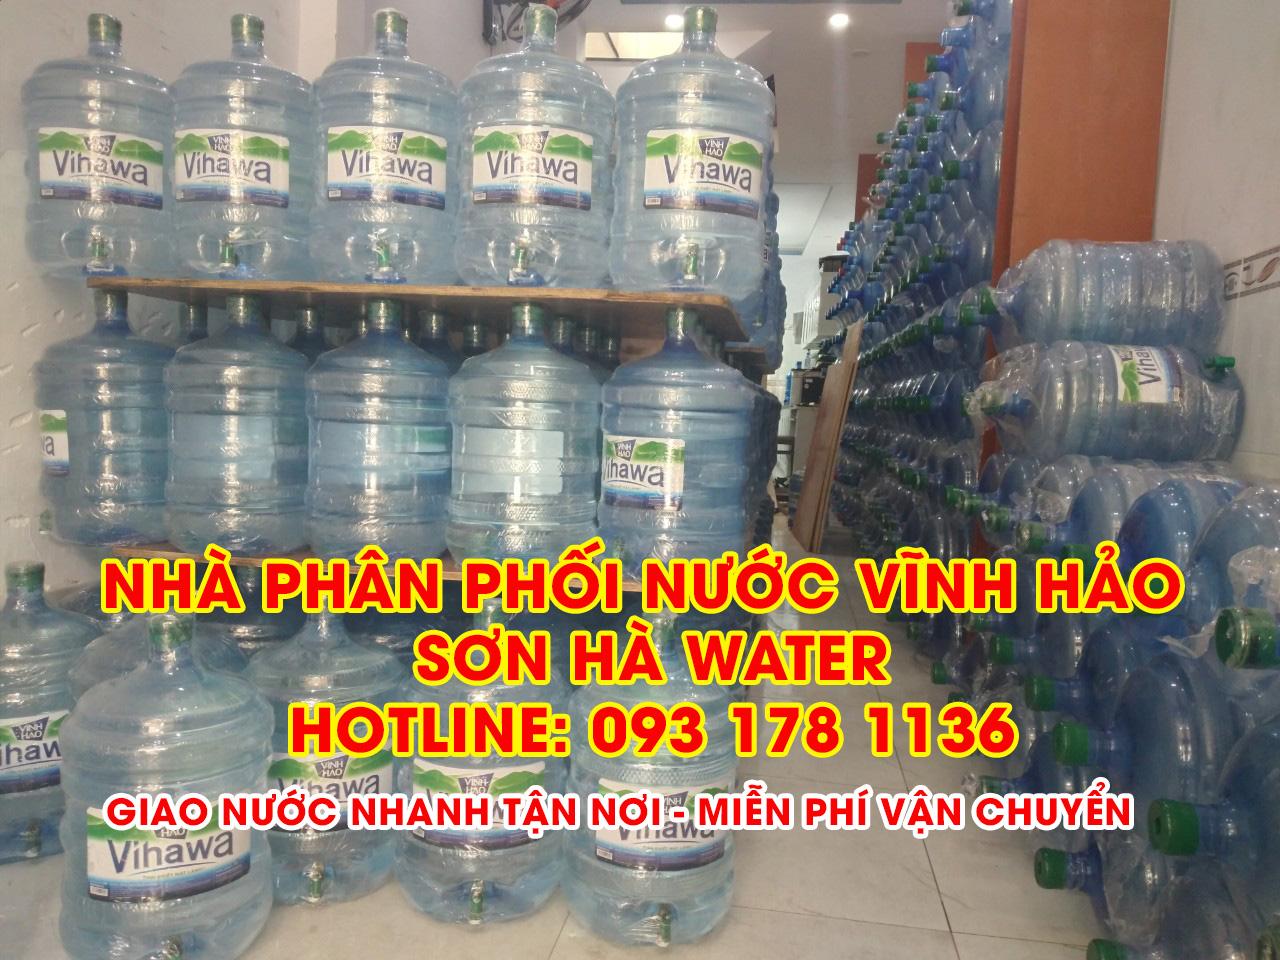 Nhà phân phối nước Vĩnh Hảo Sơn Hà Water